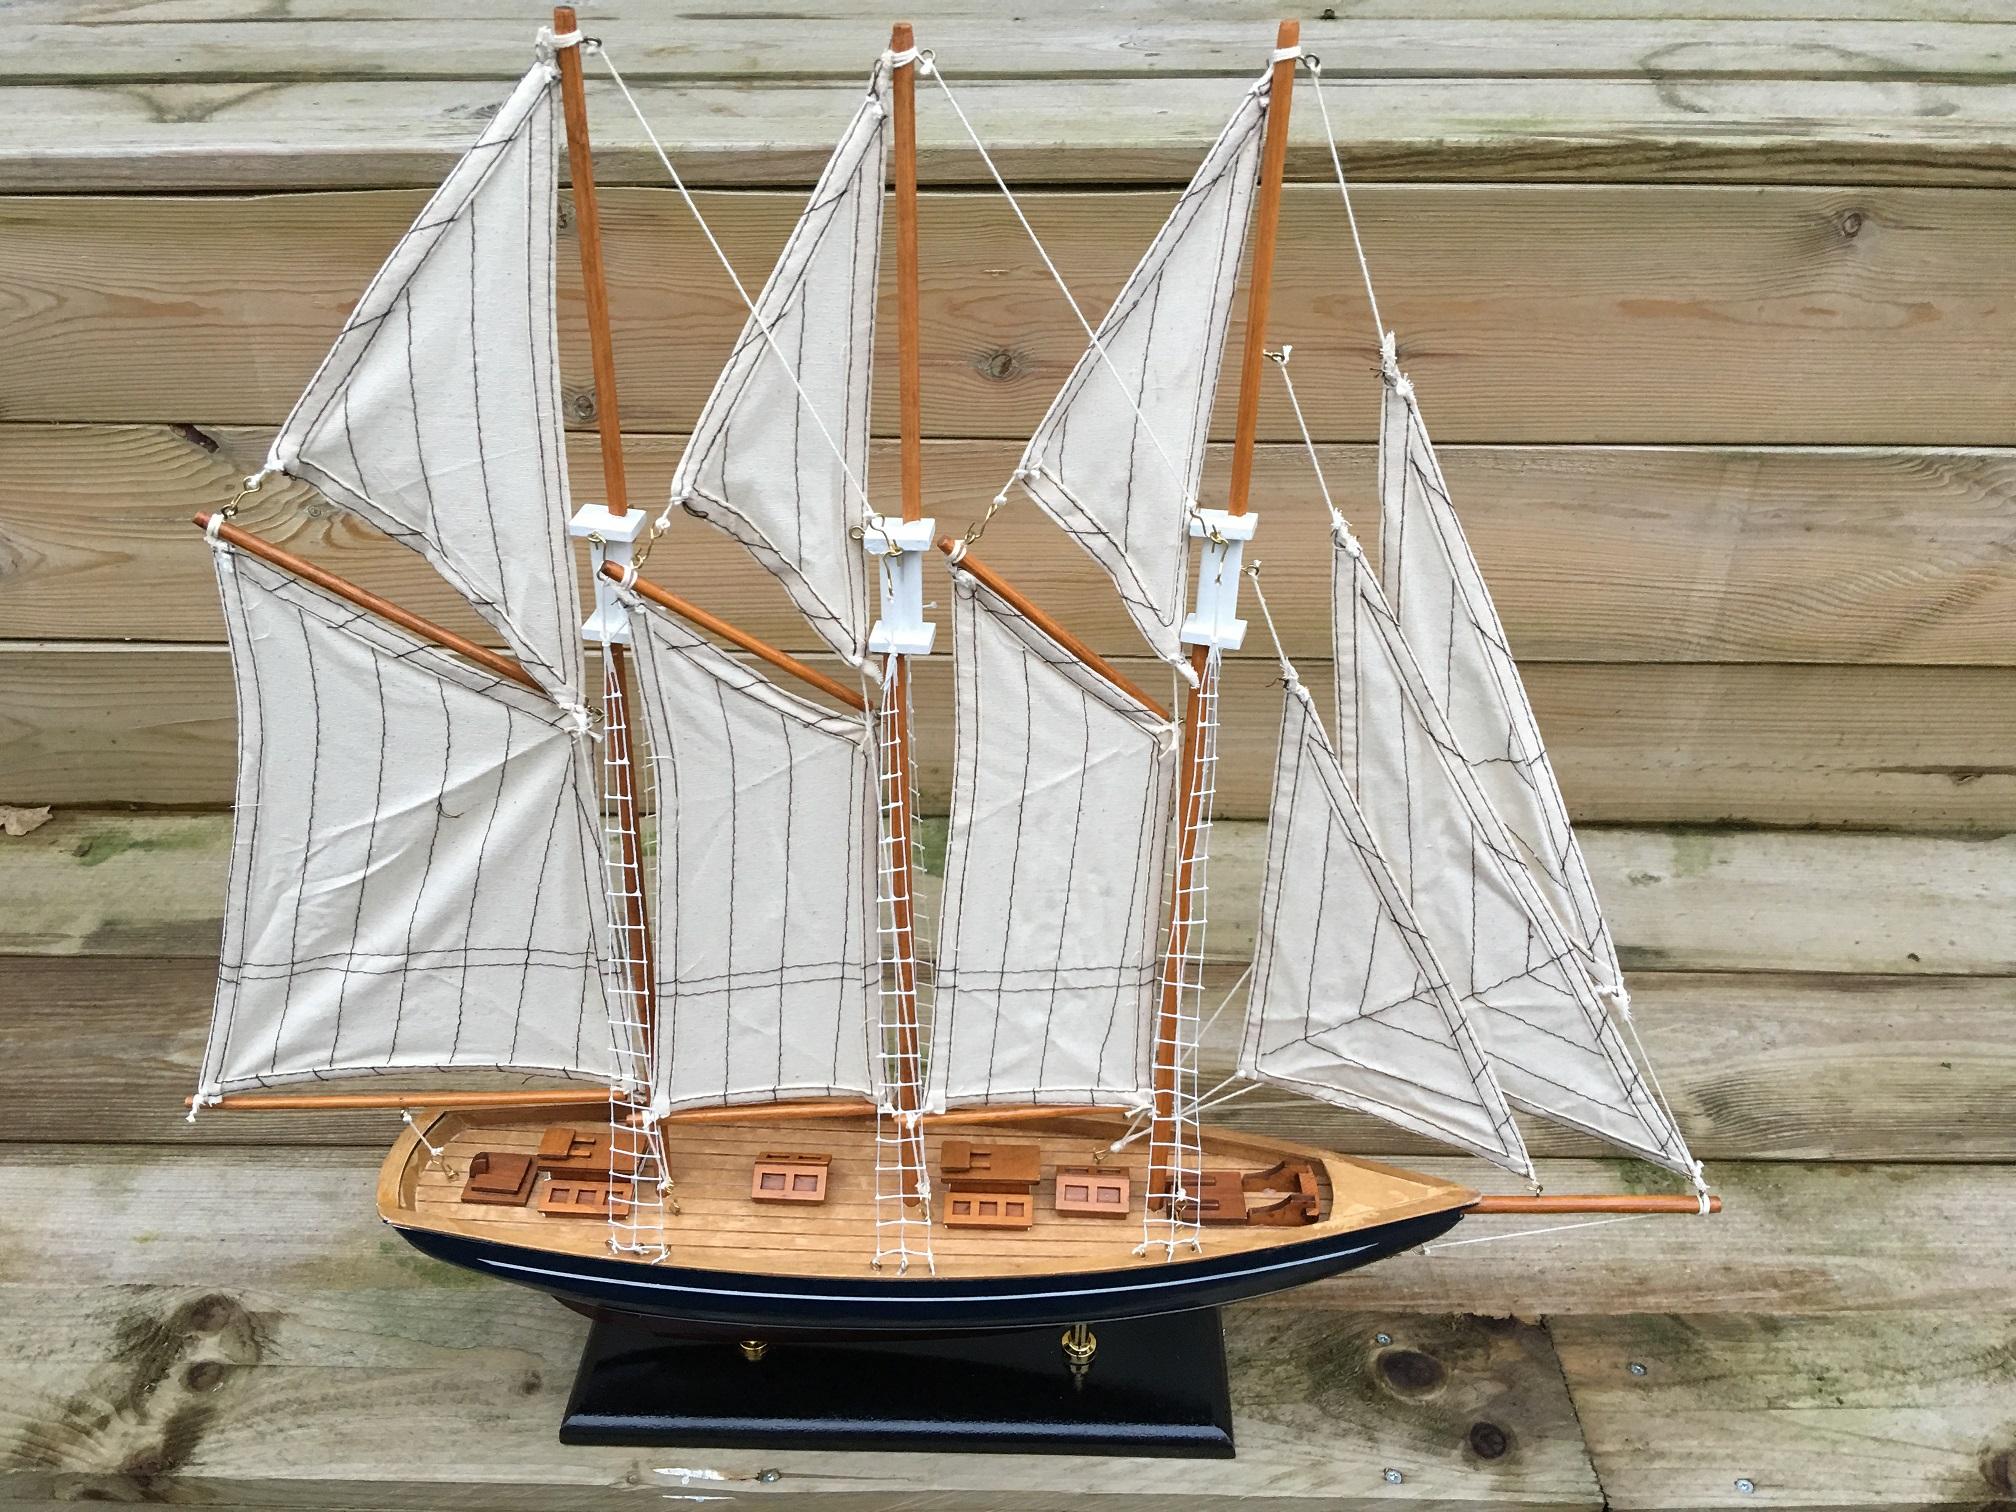 Zeilboot 3 master marco polo op stand handgemaakt zeer for Decoratie zeilboot